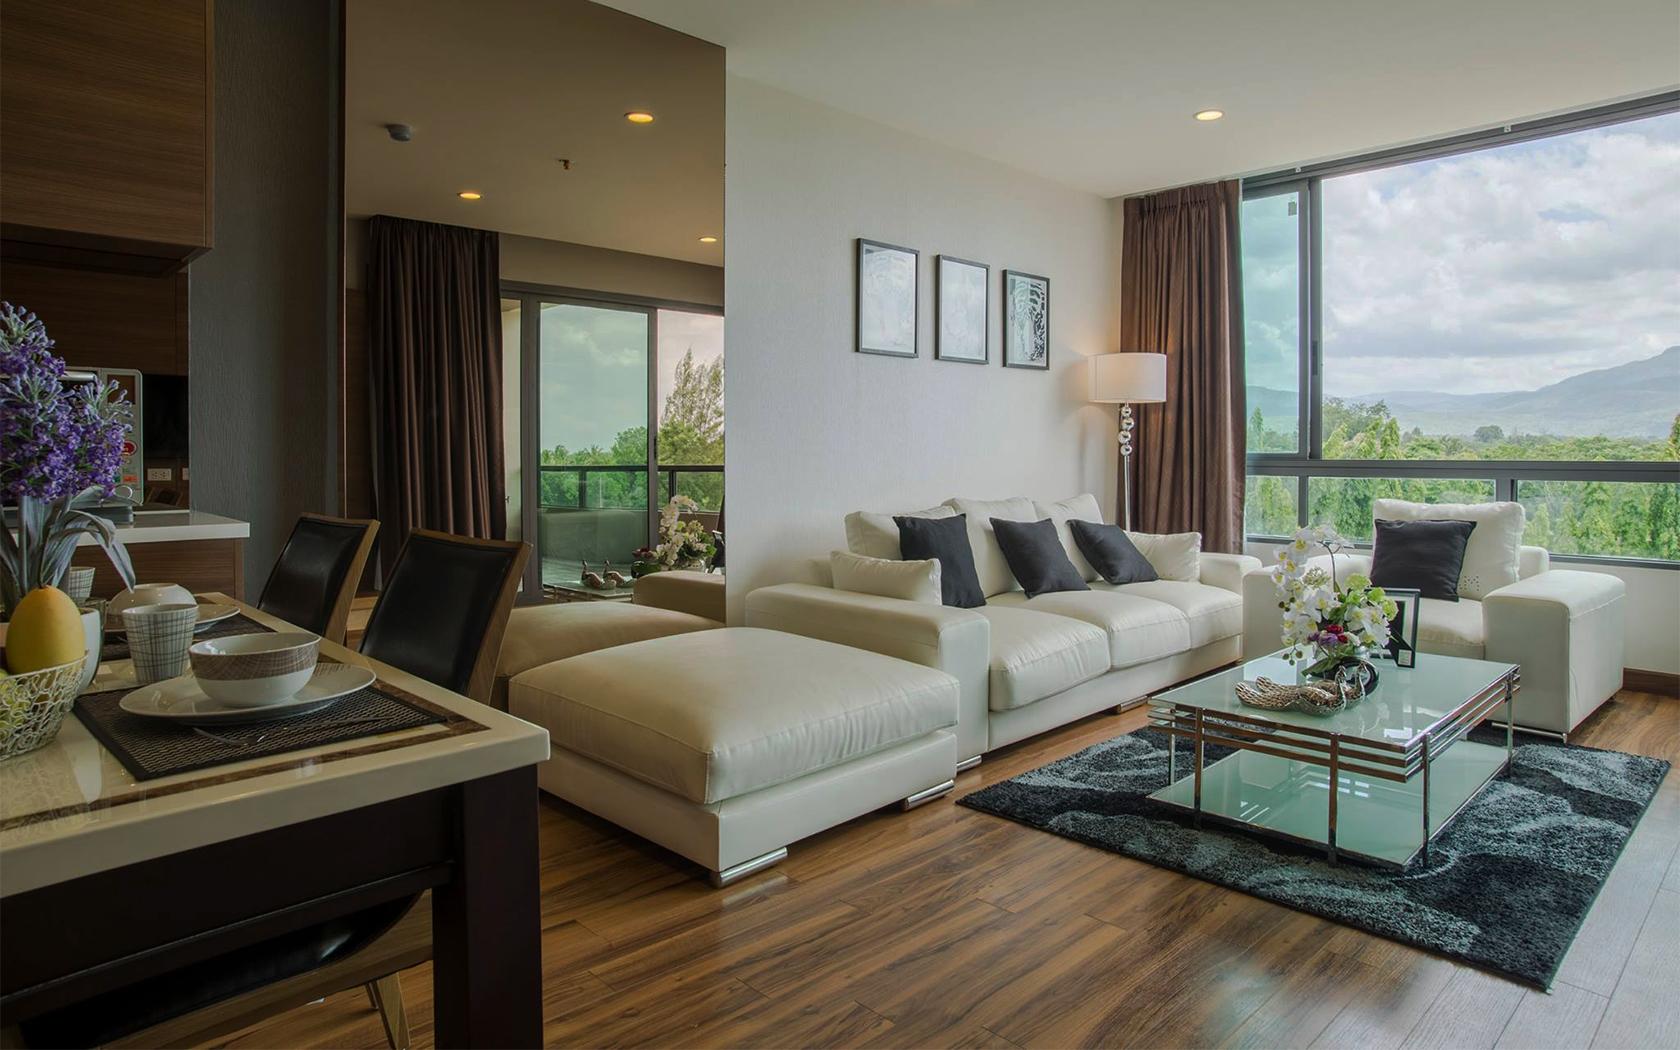 greenvalley-condominium-2